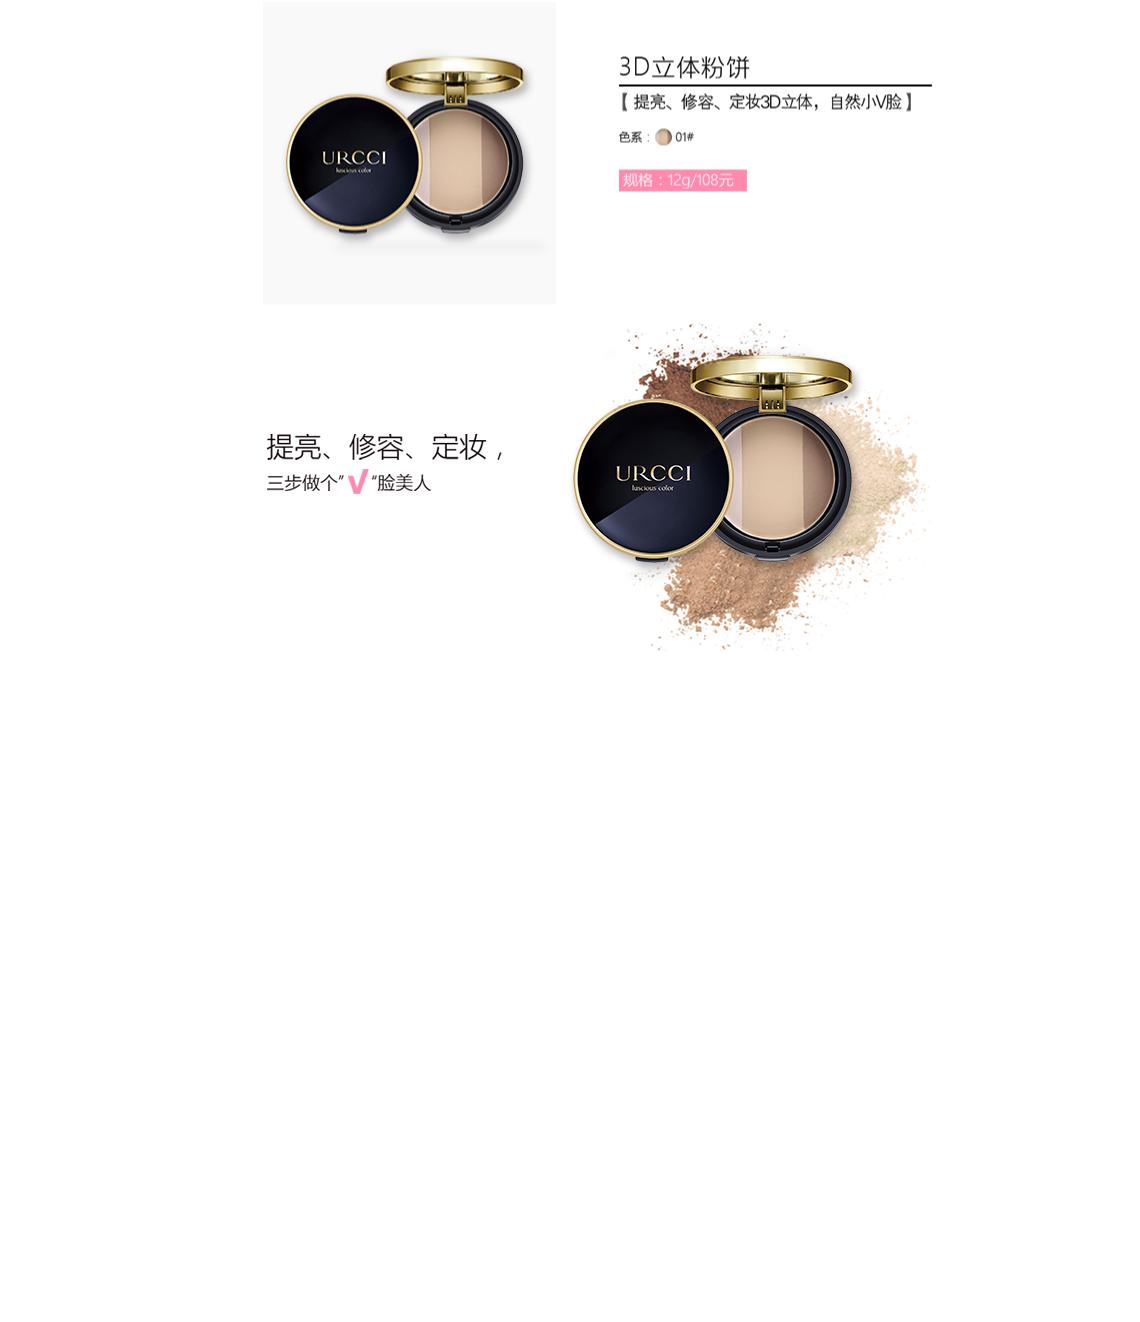 3D立体粉饼.fw.png